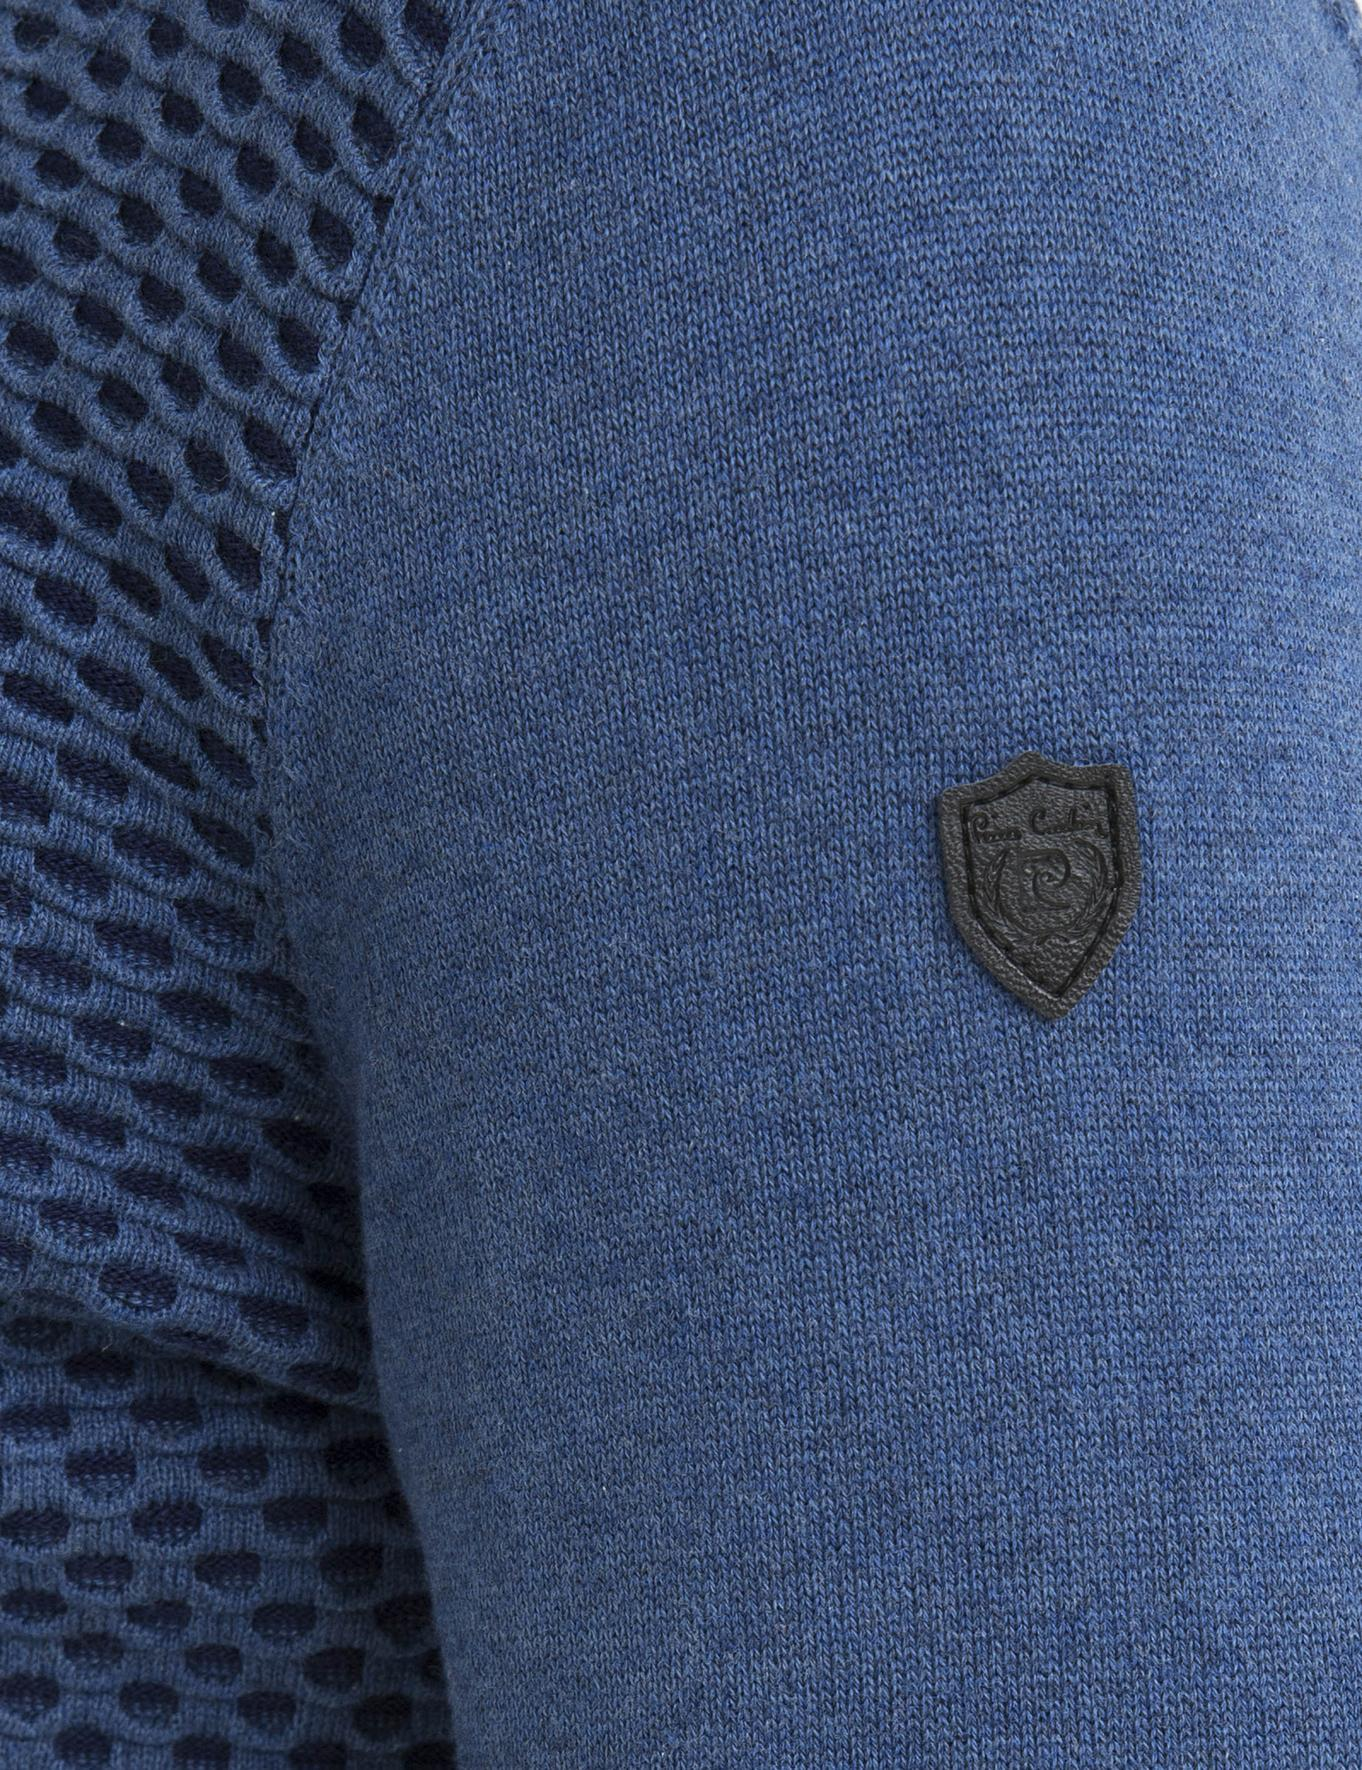 Mavi Slim Fit Triko Kazak